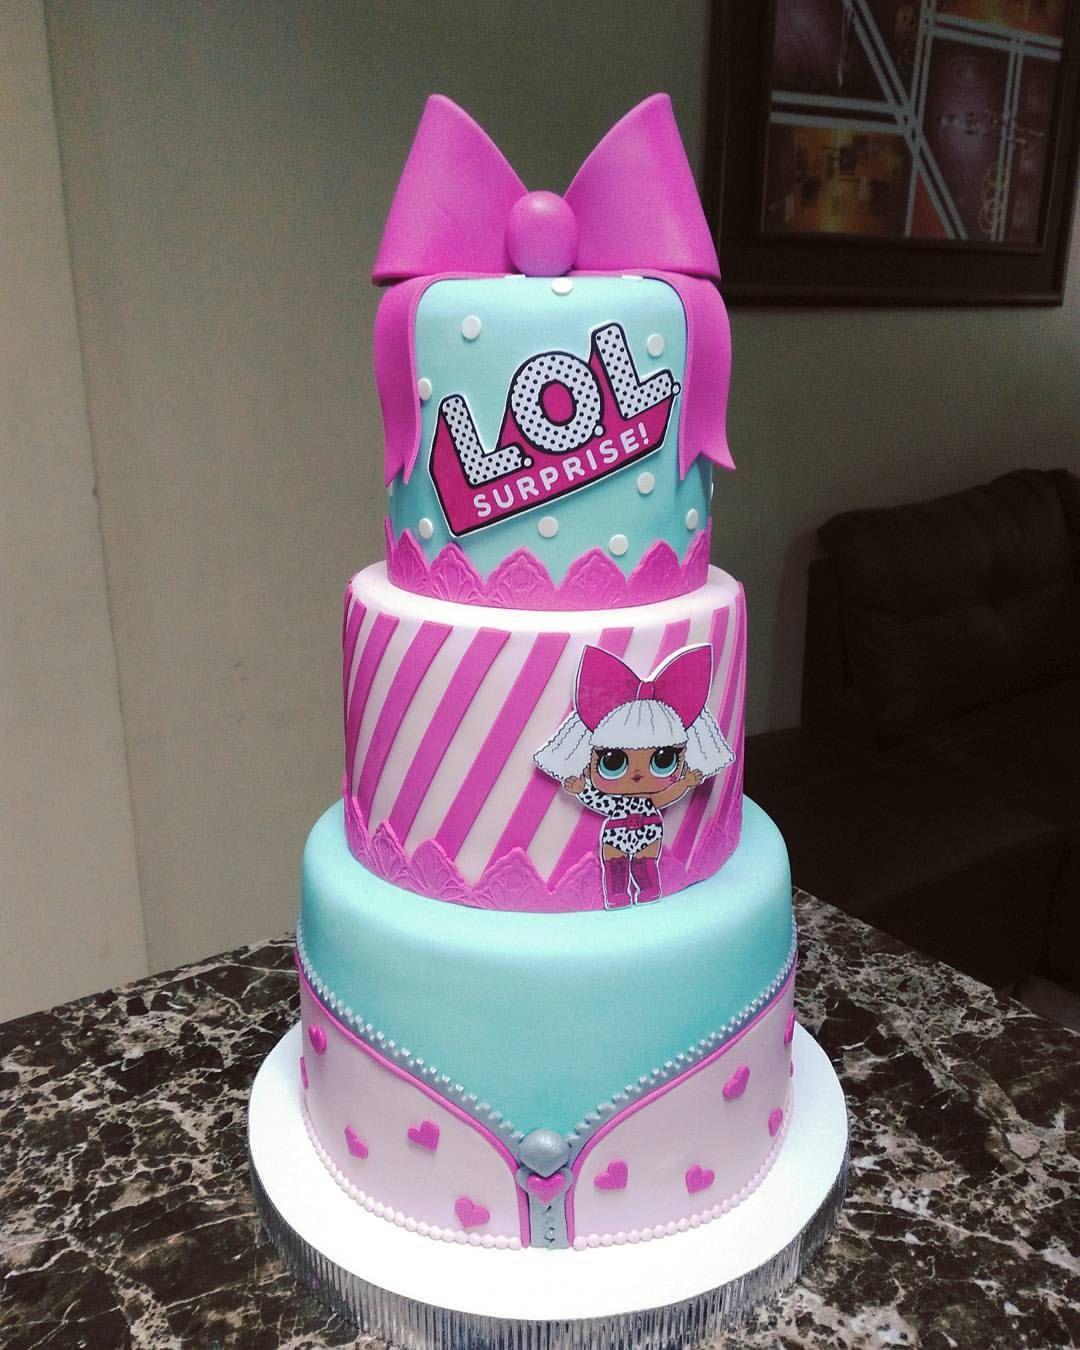 Lolsurprisecake lolsurprise birthdaygirls birthdaycake partycake partygirls complaciendoclientes maracaibo